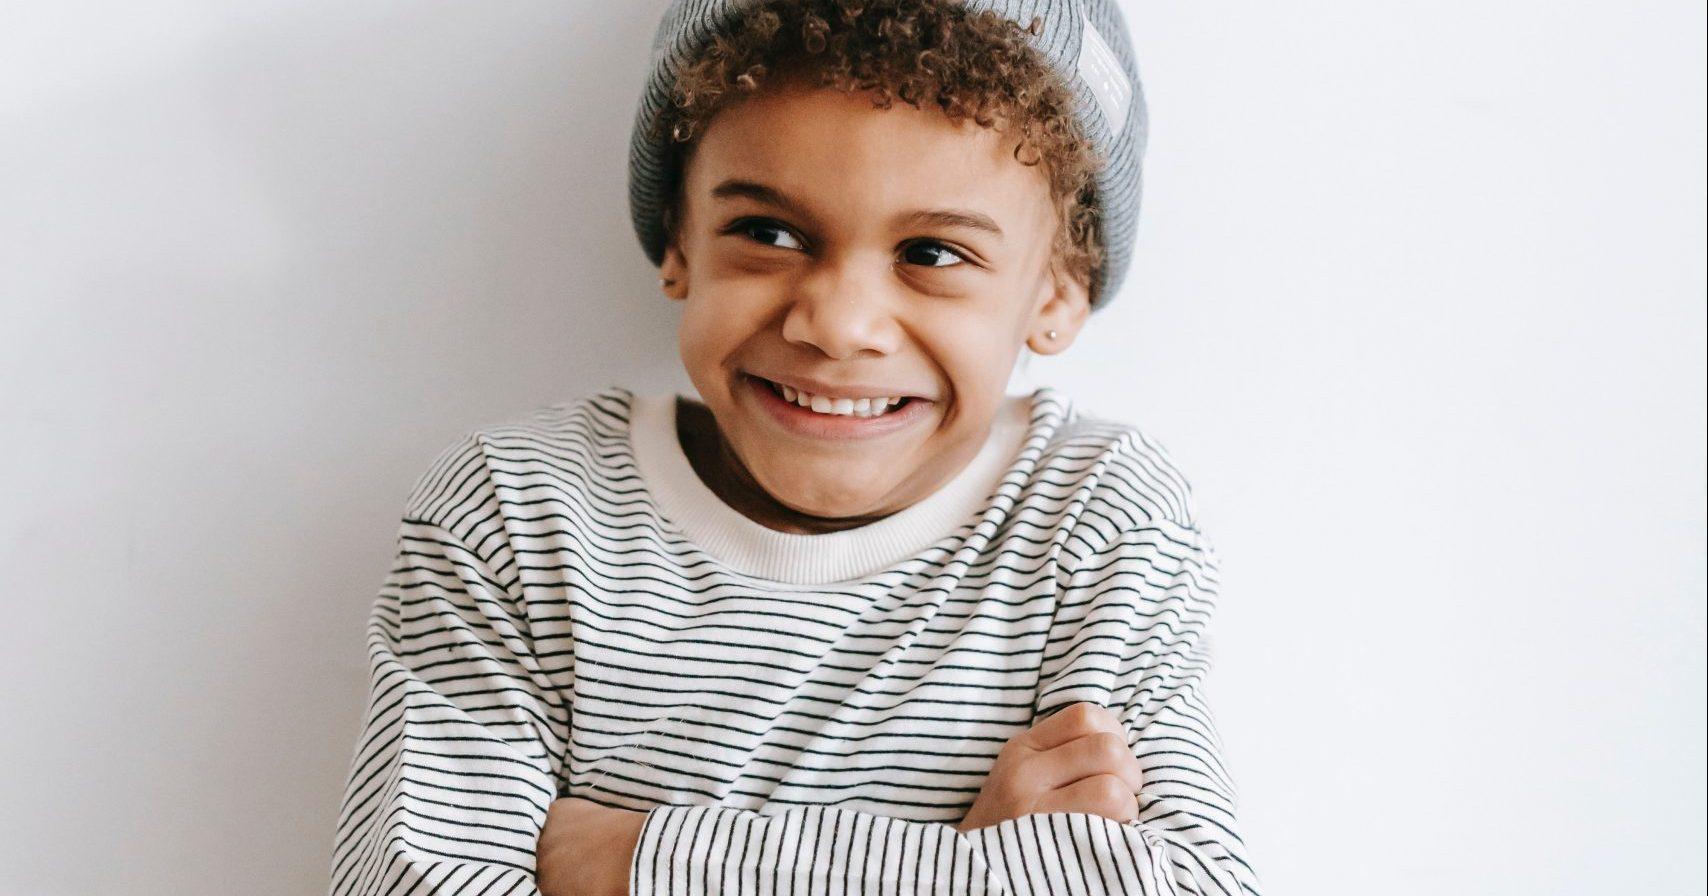 De beste manier om je onzekere kind aan te moedigen